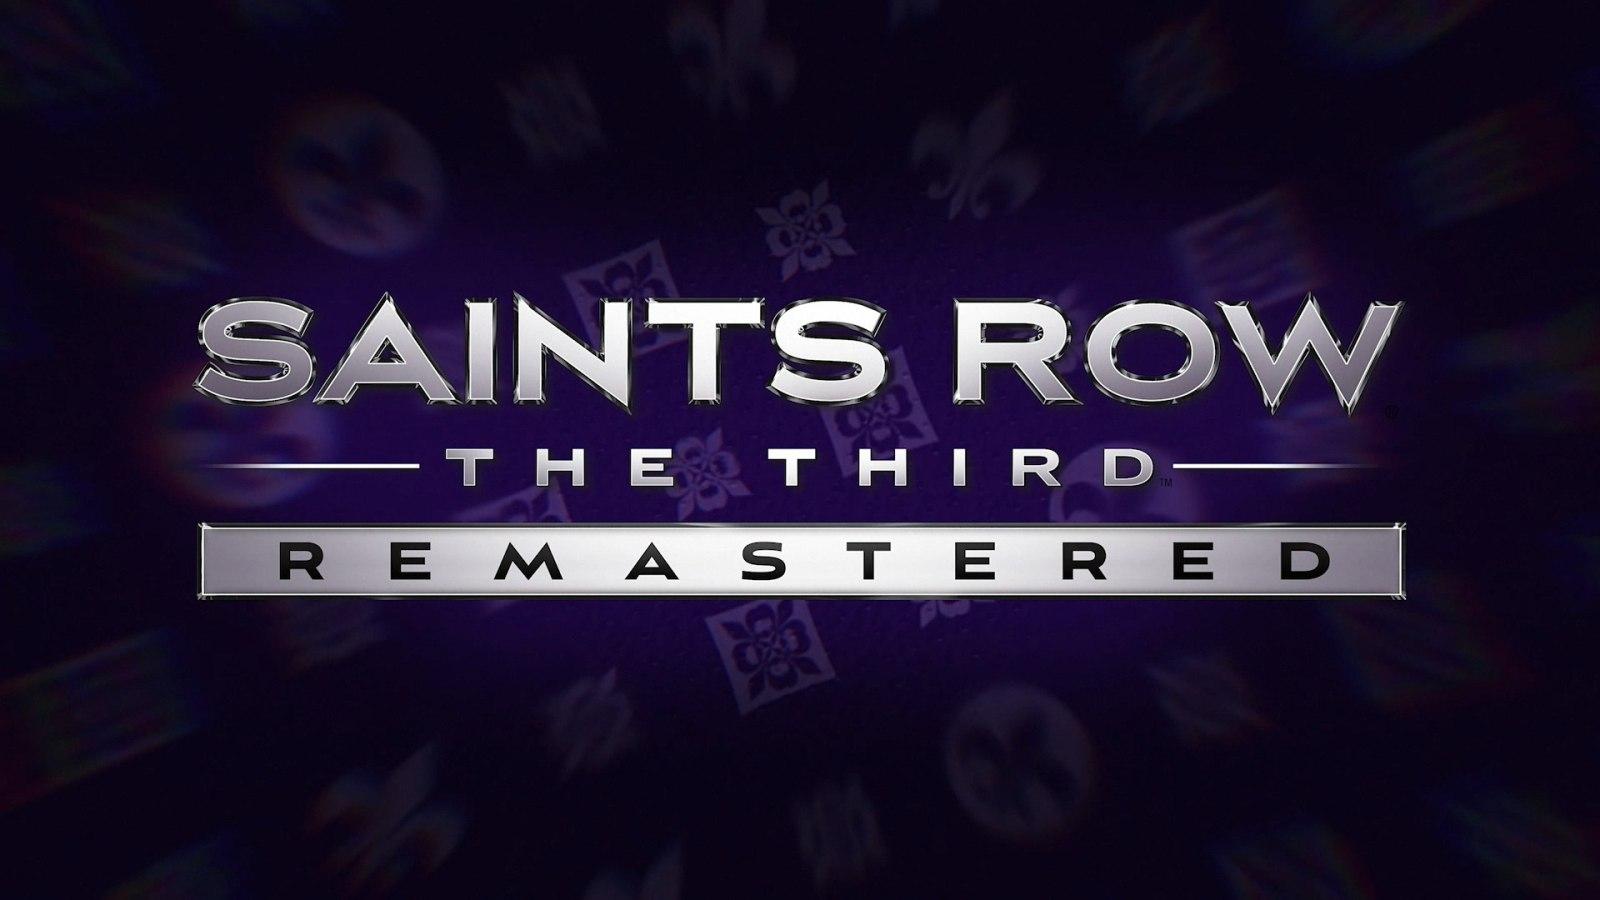 《黑道圣徒3 复刻版》正式公布,将于5月22日发售